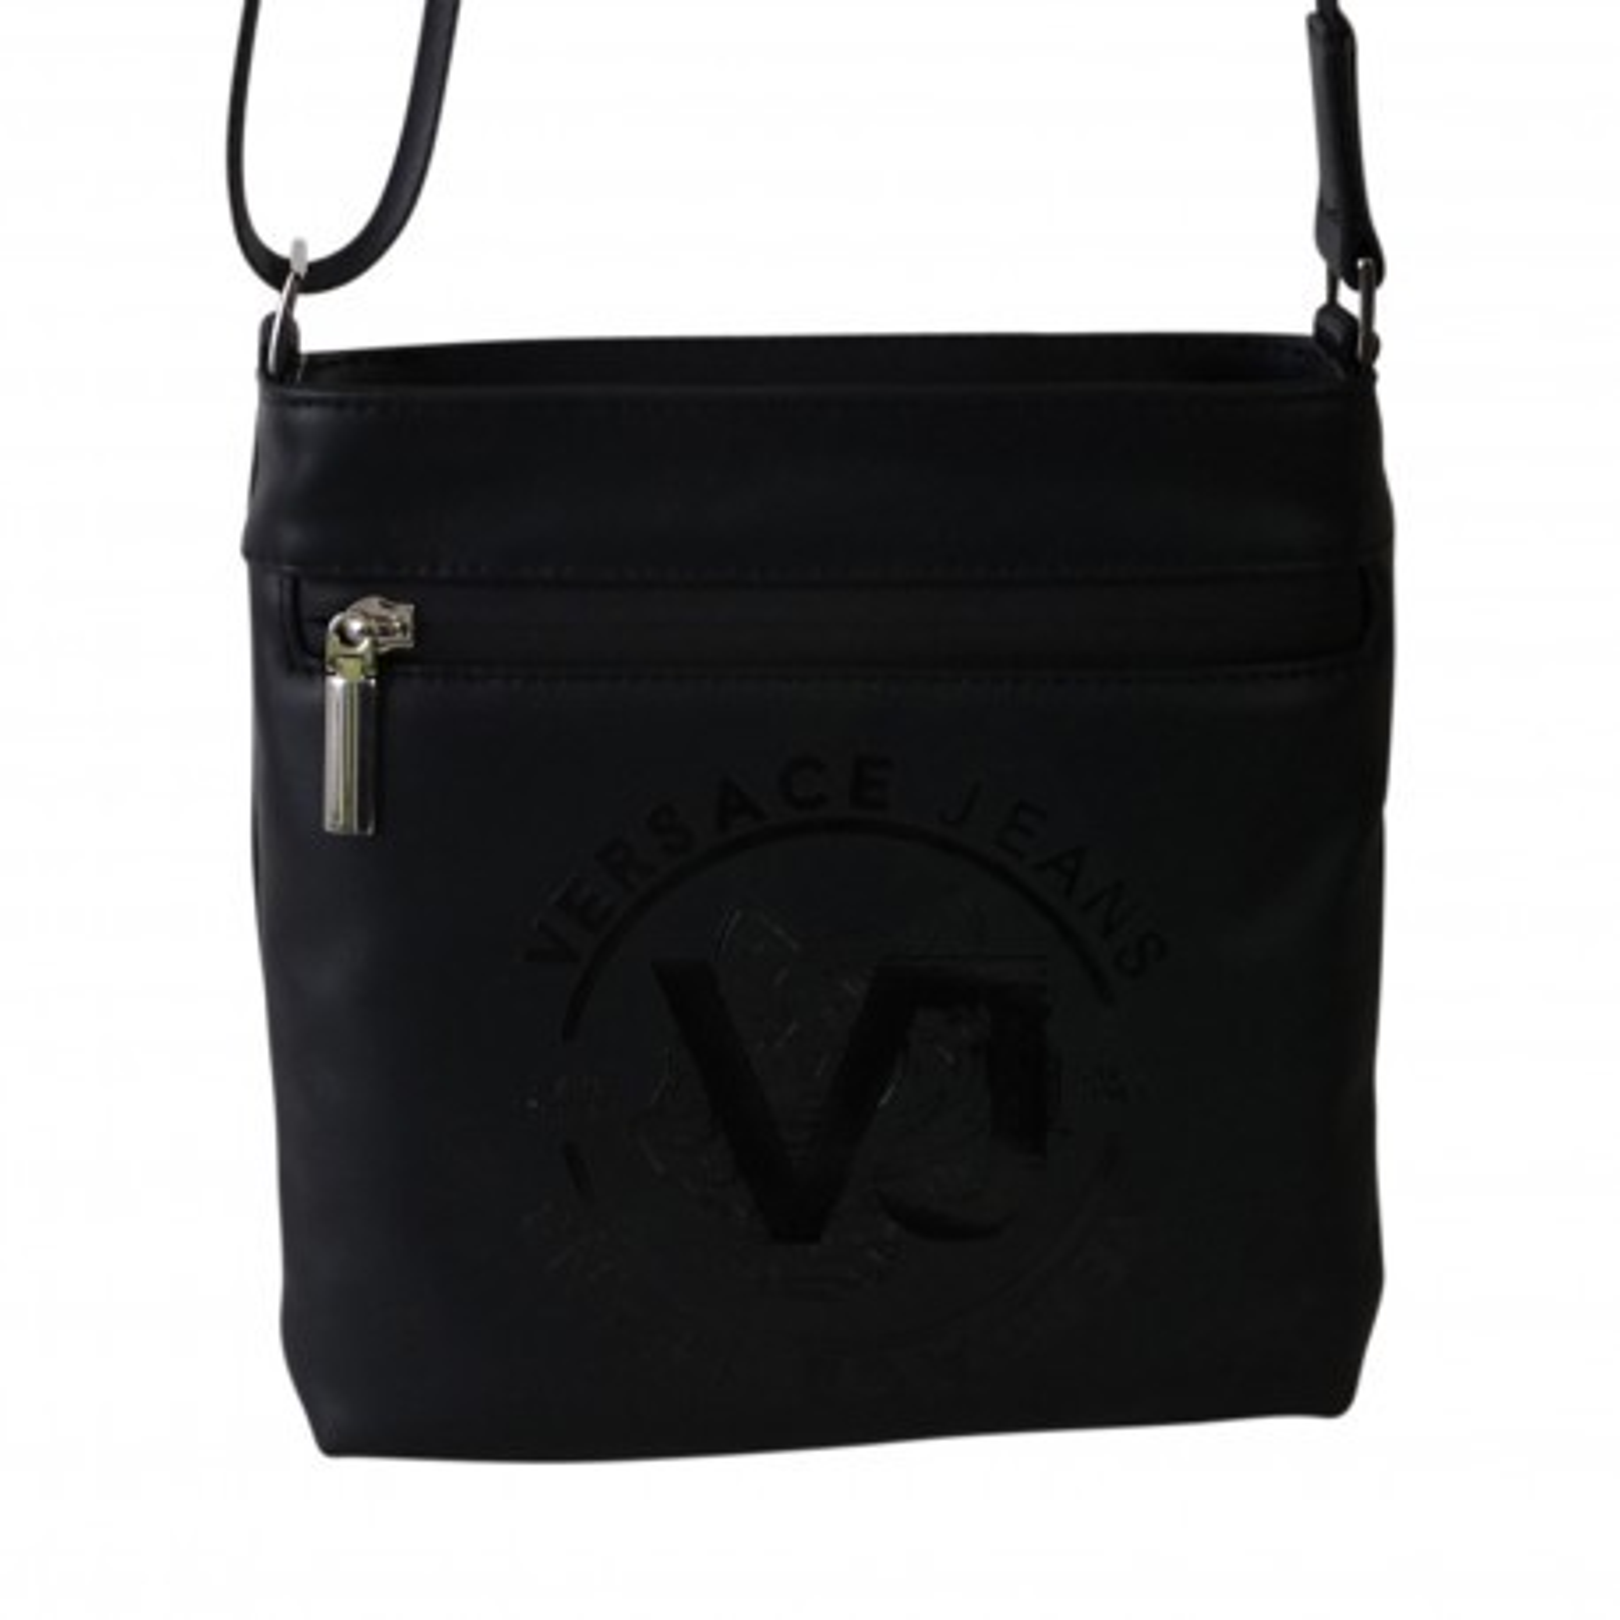 Sacoche Versace Linea VJ Tiger DIS.1